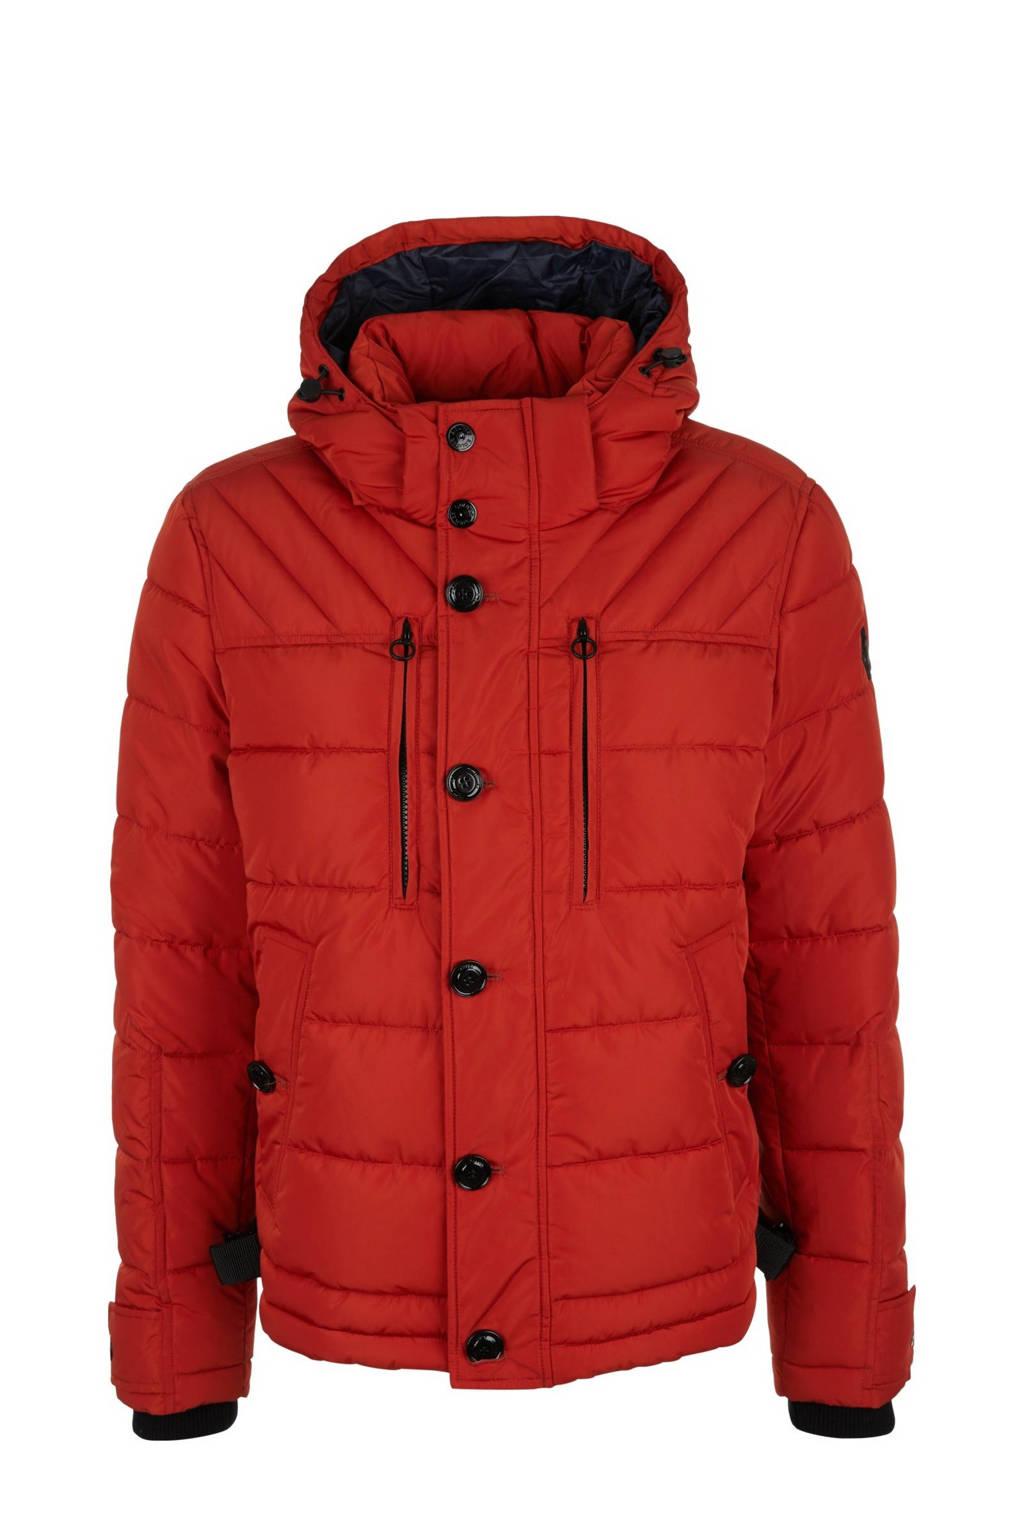 s.Oliver gewatteerde jas rood/zwart, Rood/zwart